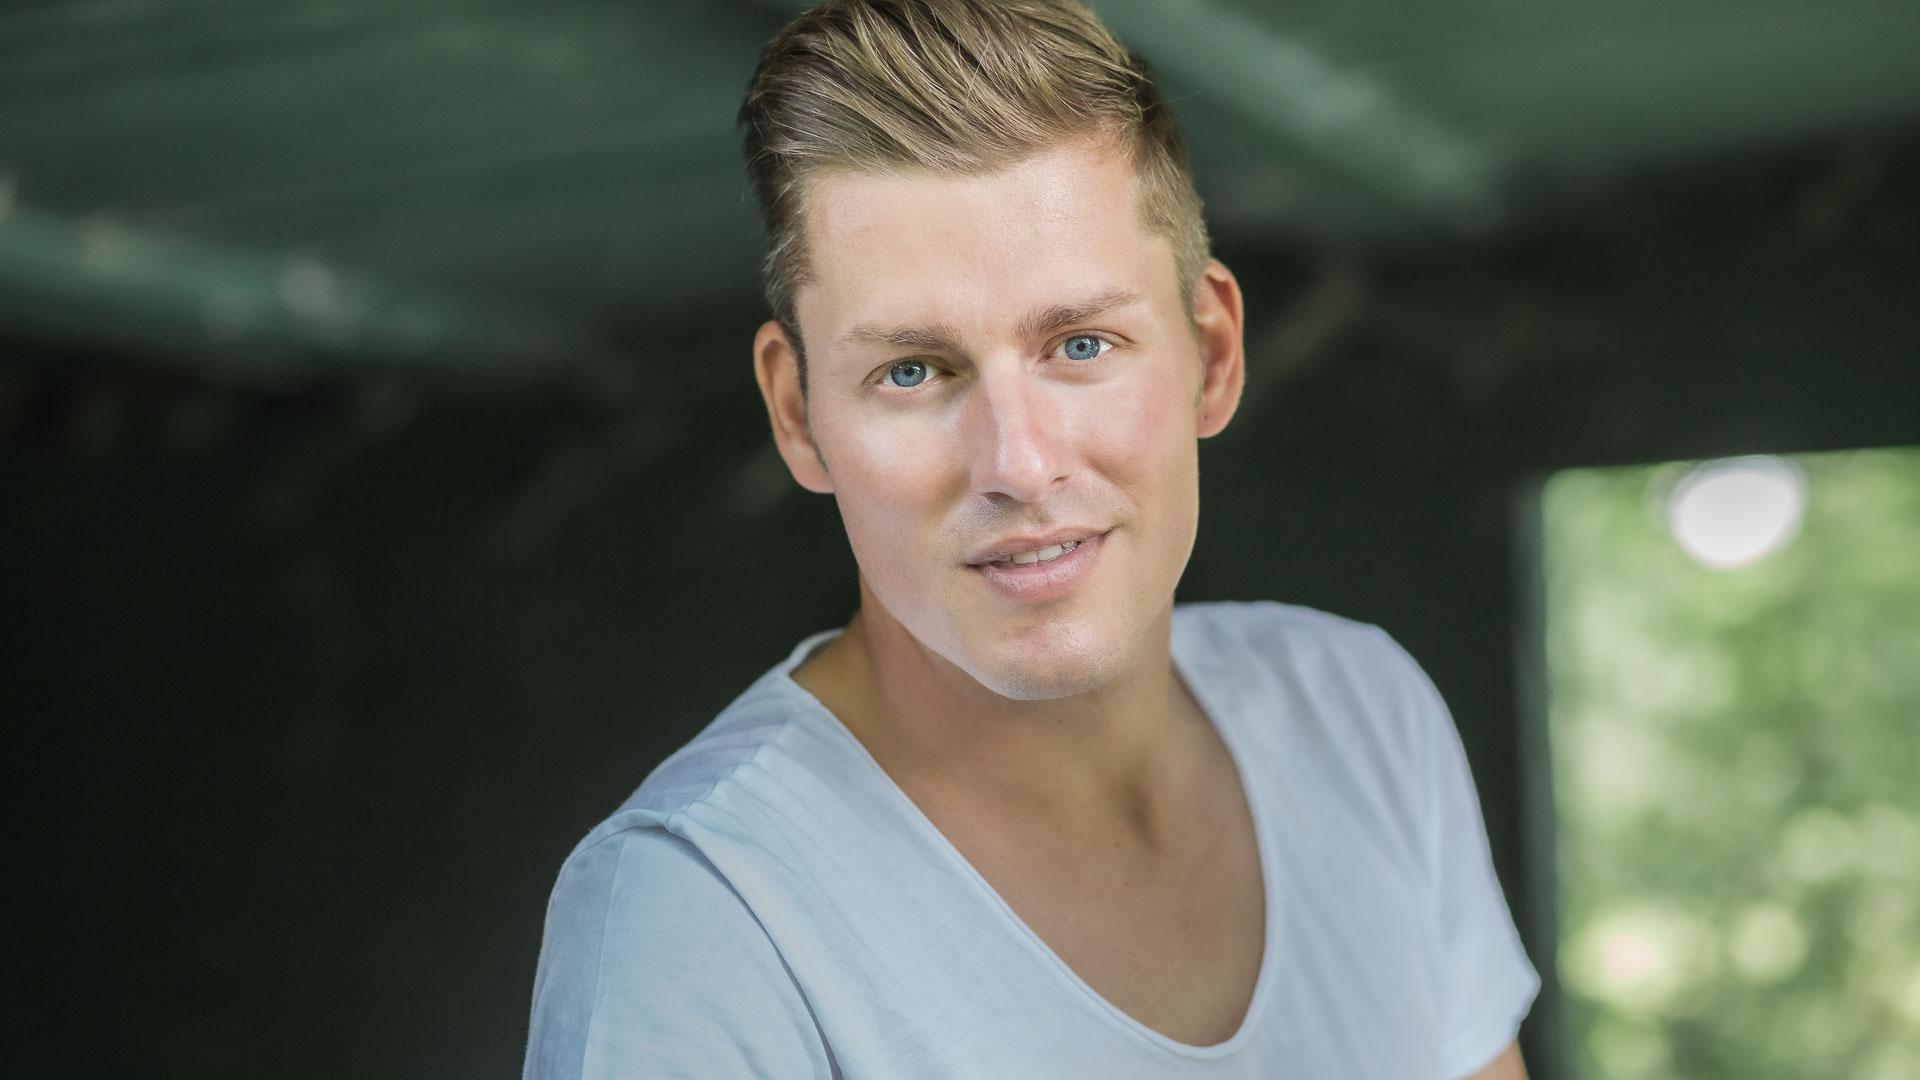 Online-Dating-Fotos: Profilfoto eines jungen, blonden Mannes mit blauen Augen, der sypathisch in die Kamera lächelt.